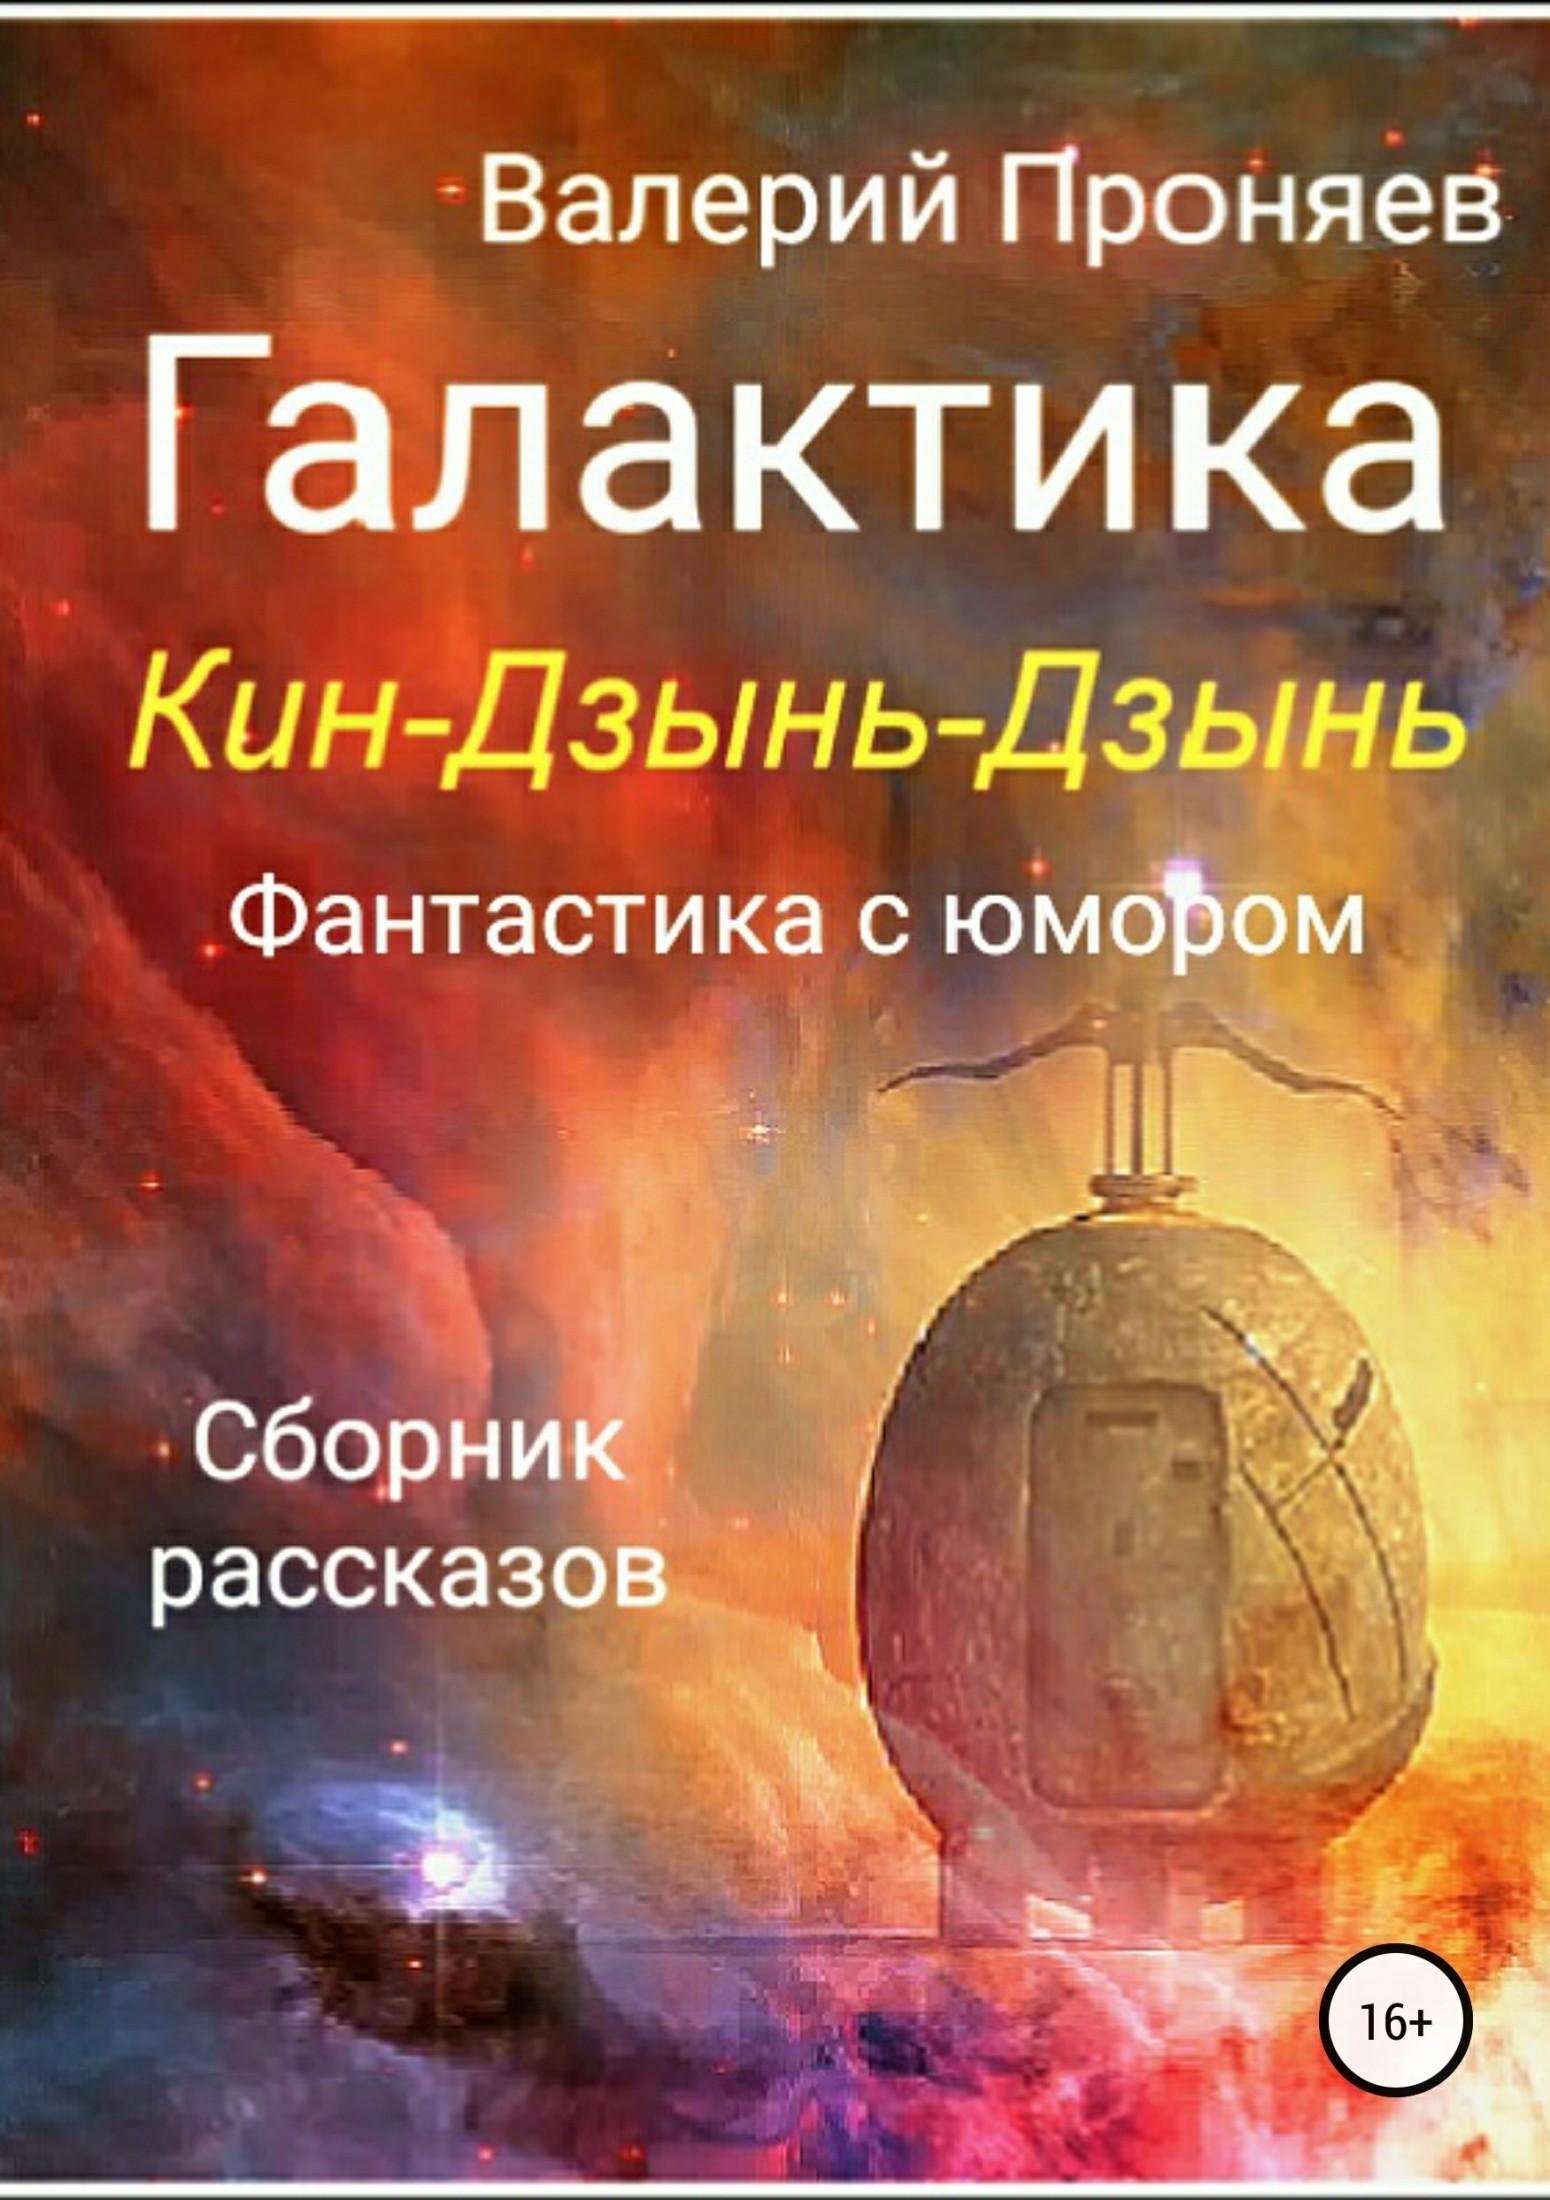 Галактика Кин-Дзынь-Дзынь. Сборник рассказов